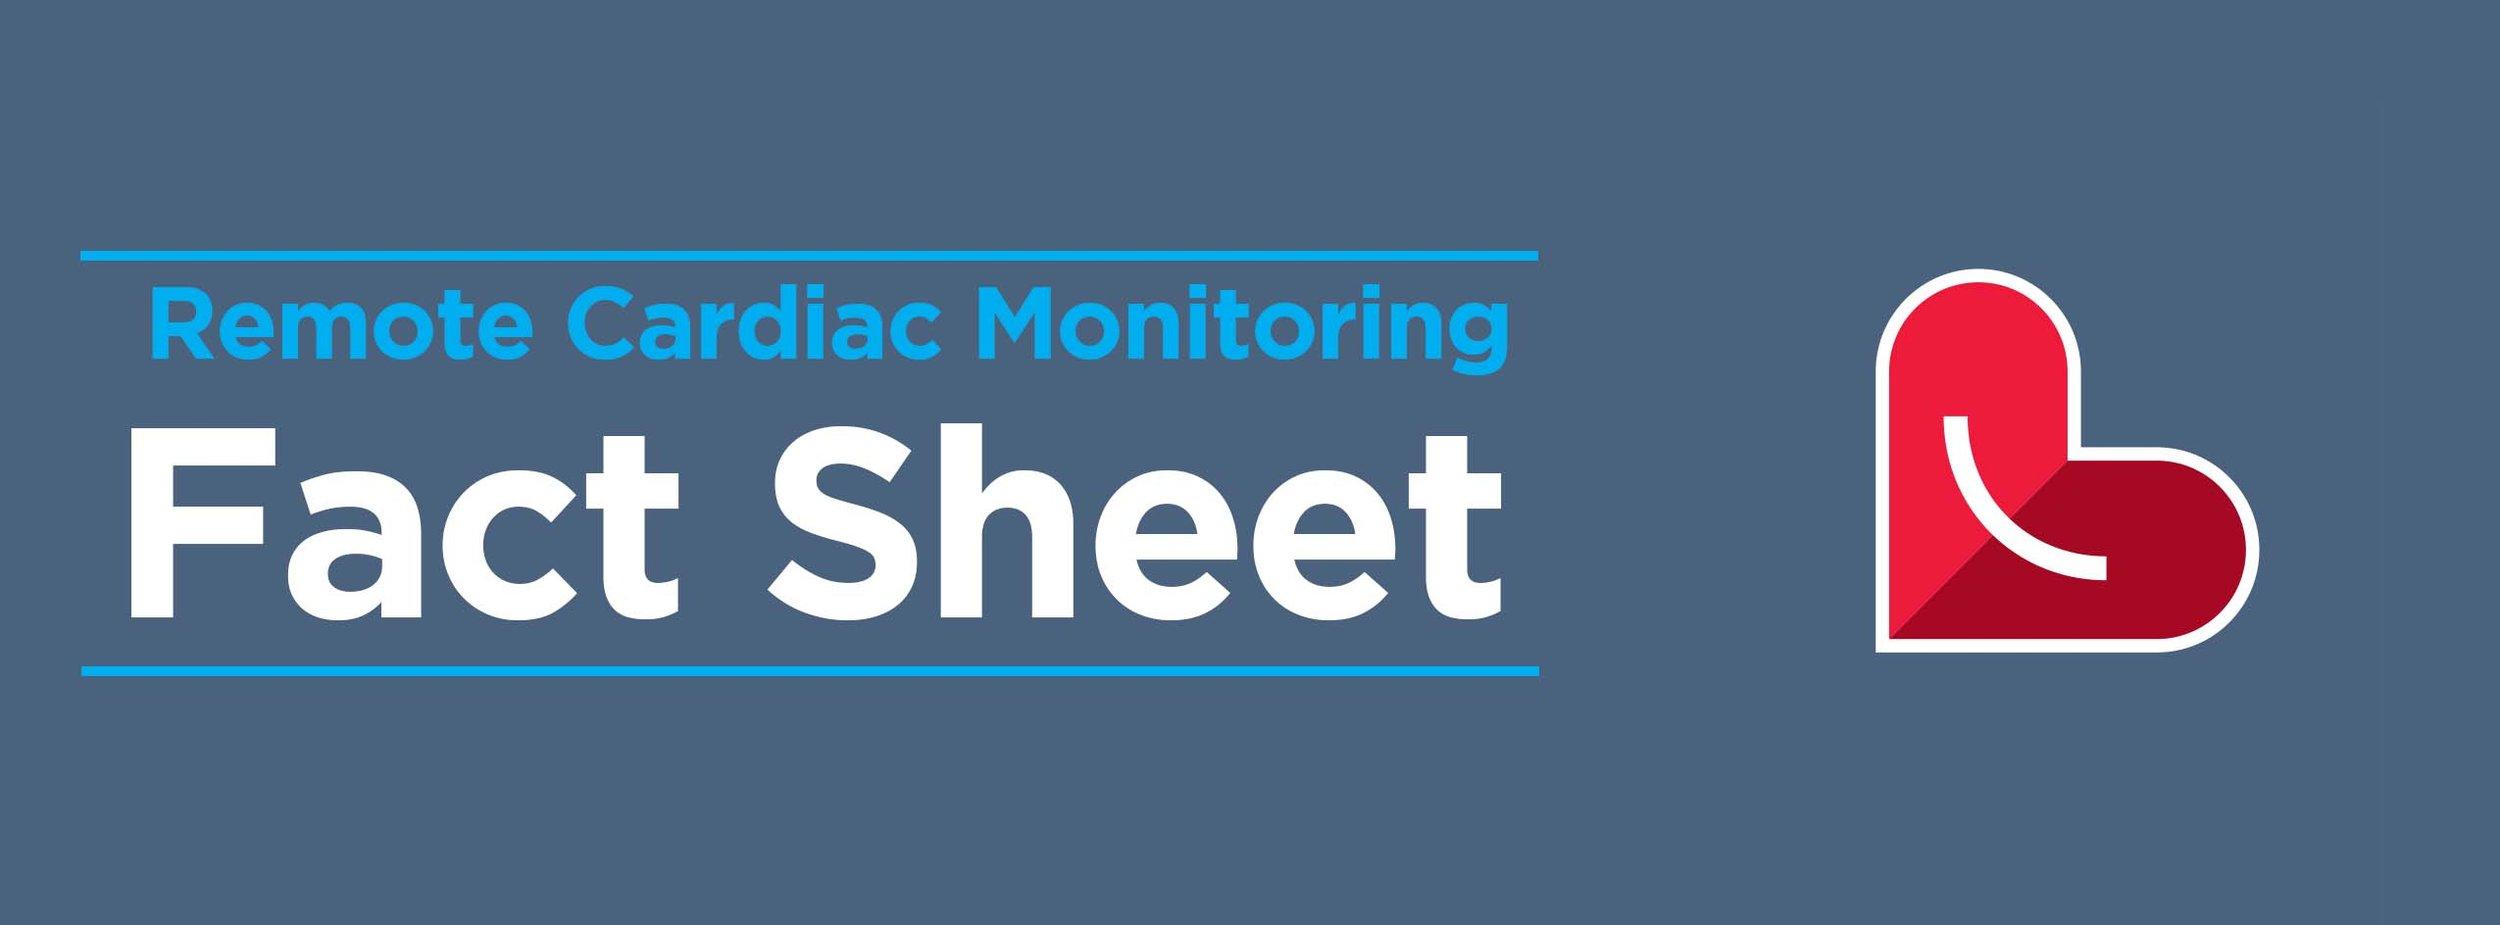 rcm fact sheet image.jpg